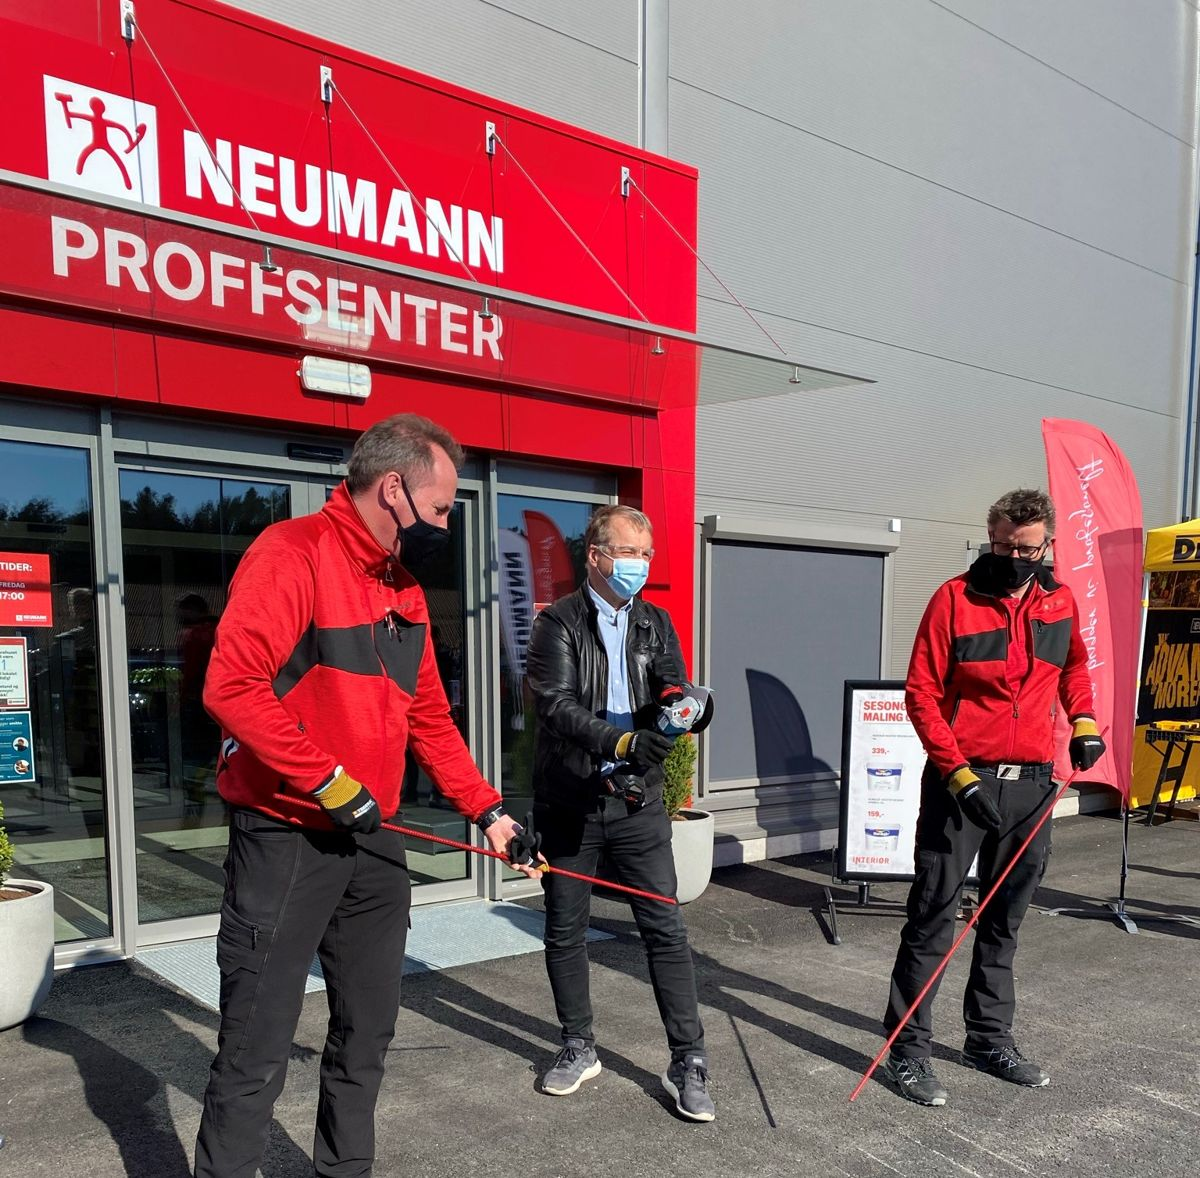 Vidar Steinum (salgssjef), ordfør Saxe Frøshaug og varehussjef Roy Johnsen med kamstål og vinkelsliper for å markere offisiell åpning av varehuset. Foto: Neumann Bygg